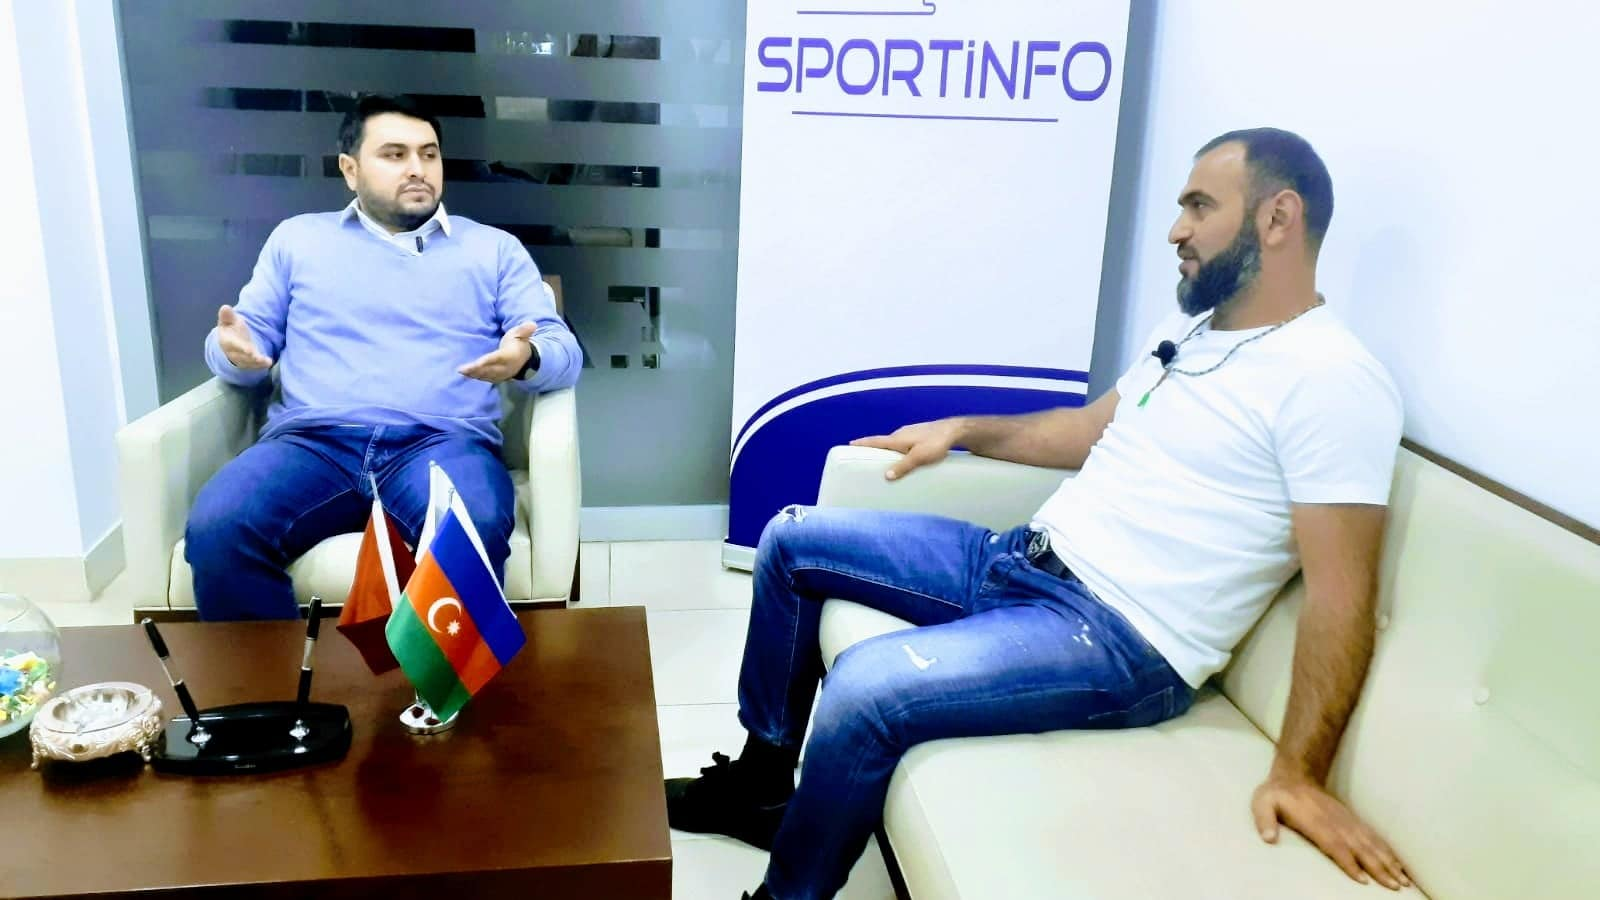 """""""SPORTİNFO TV"""": """"Atam mənə dedi ki, yaxşı futbolçu olmaq istəyirsənsə, sən də..."""" - VİDEO"""